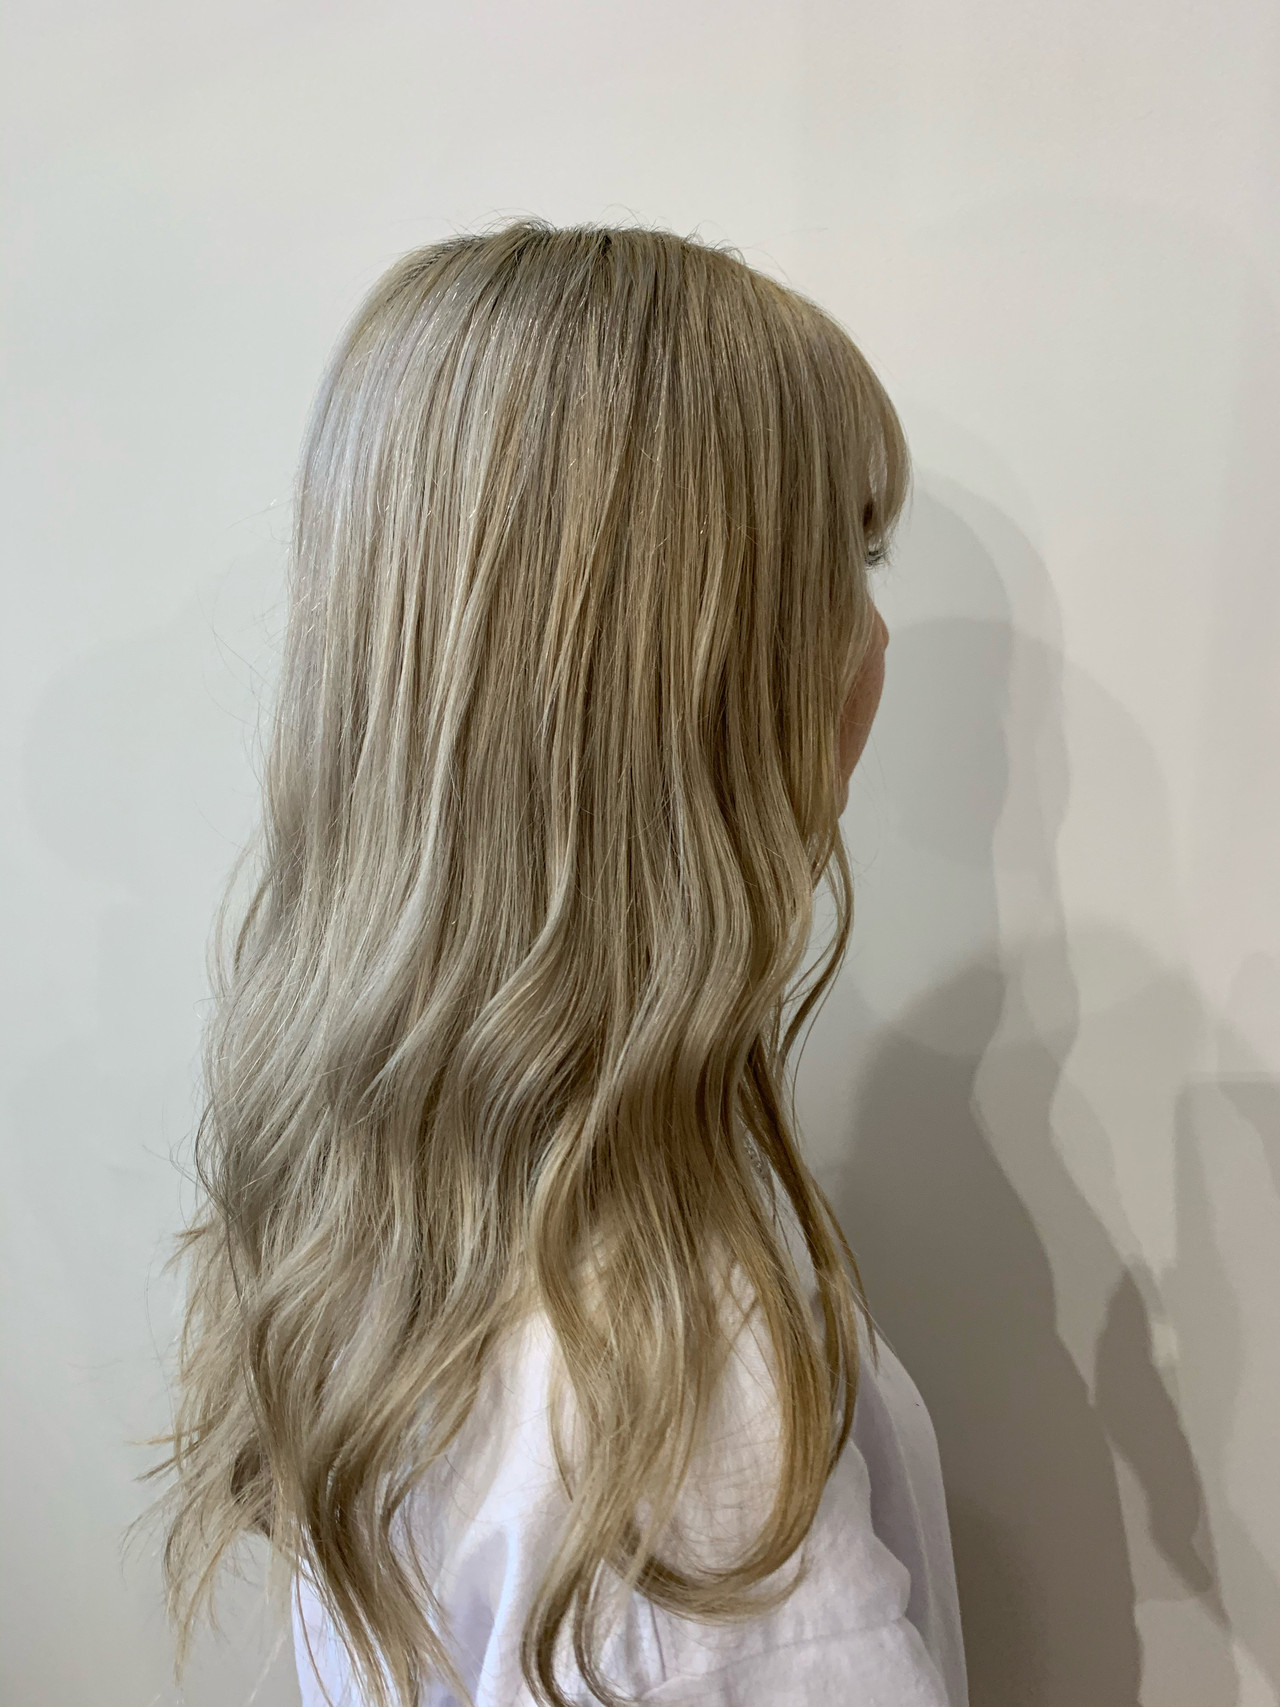 ブロンド ハイトーンカラー ホワイトベージュ ナチュラル ヘアスタイルや髪型の写真・画像